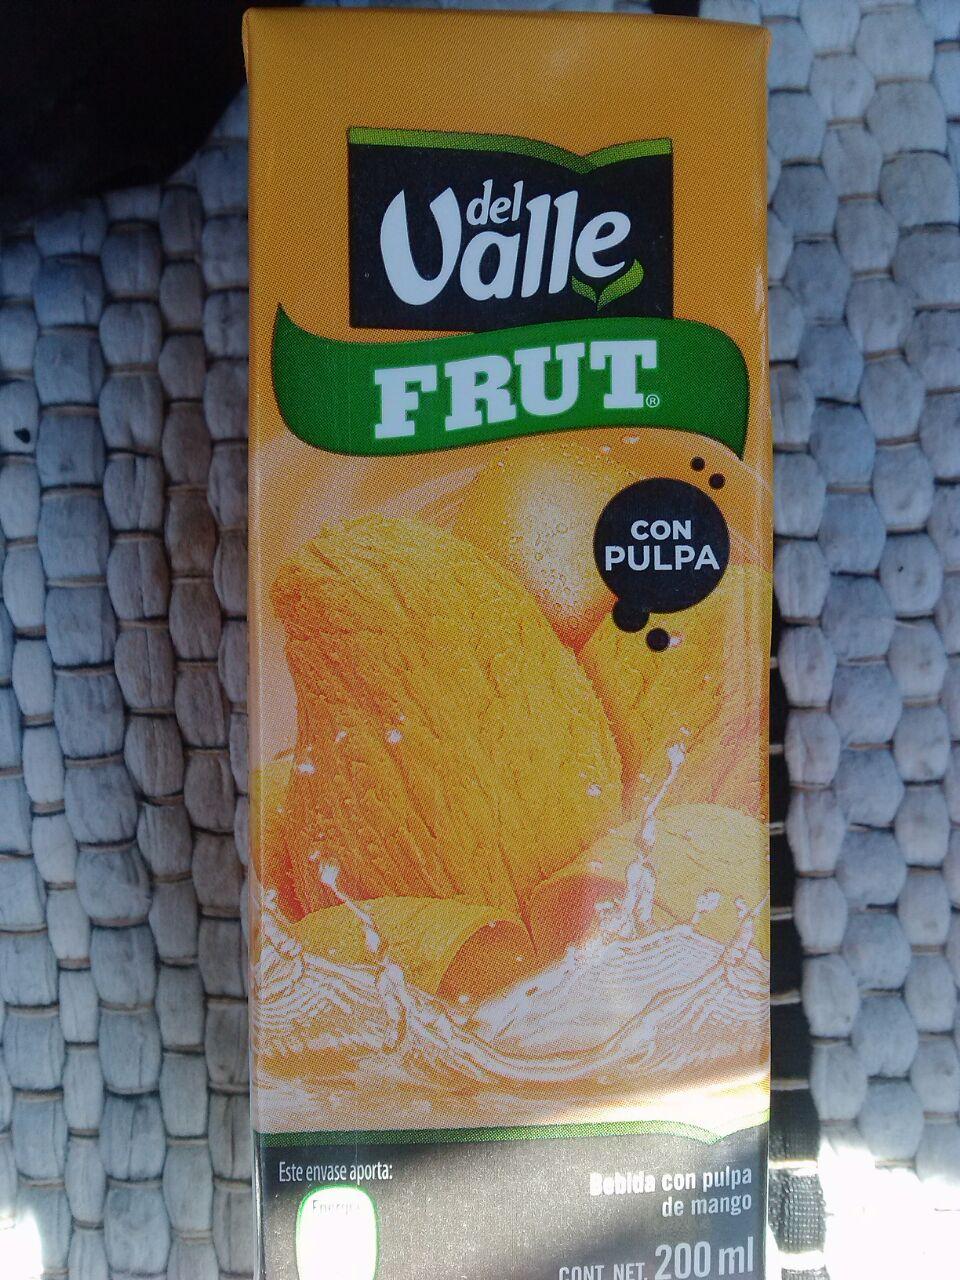 Bodega Aurrerá Saltillo Lourdes: Bebida con pulpa Del Valle Frut 200 ml a $1.02